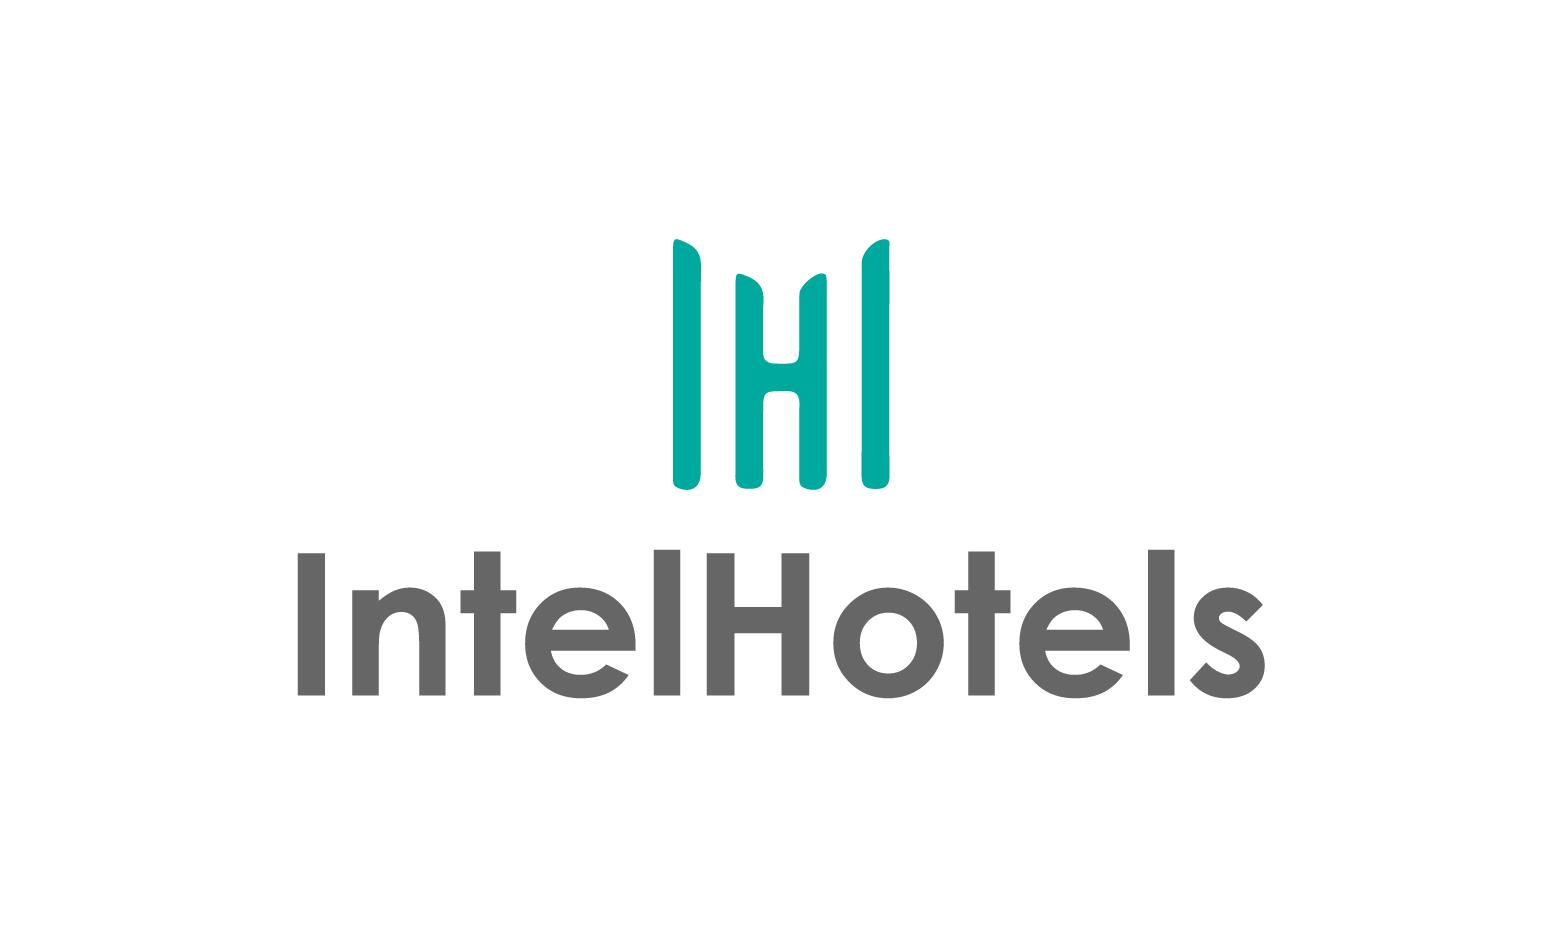 IntelHotels.com